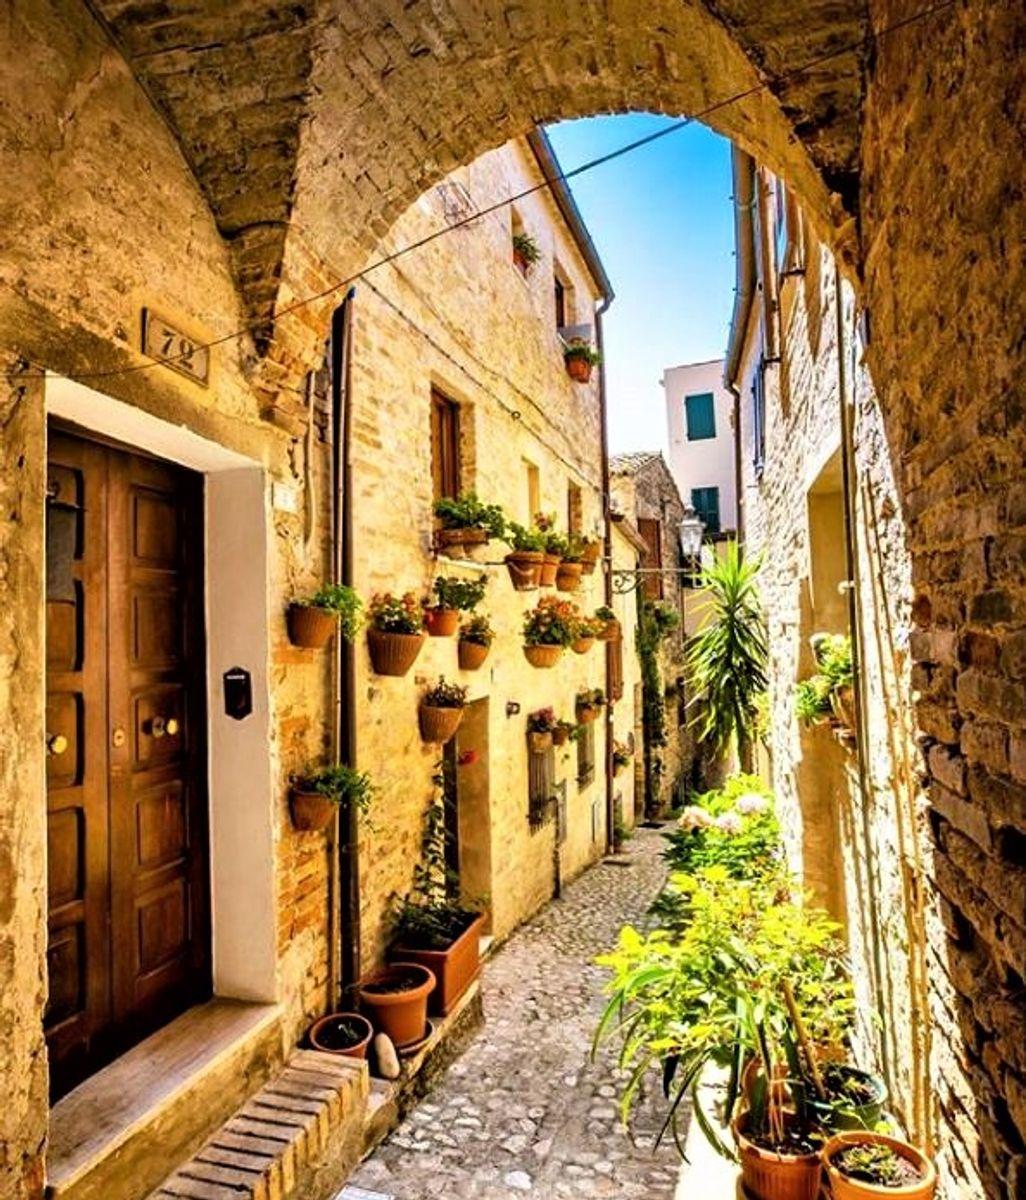 event-Torre di Palme: un magico Borgo affacciato sull'Adriatico (EVENTO GRATUITO CON CAUZIONE)